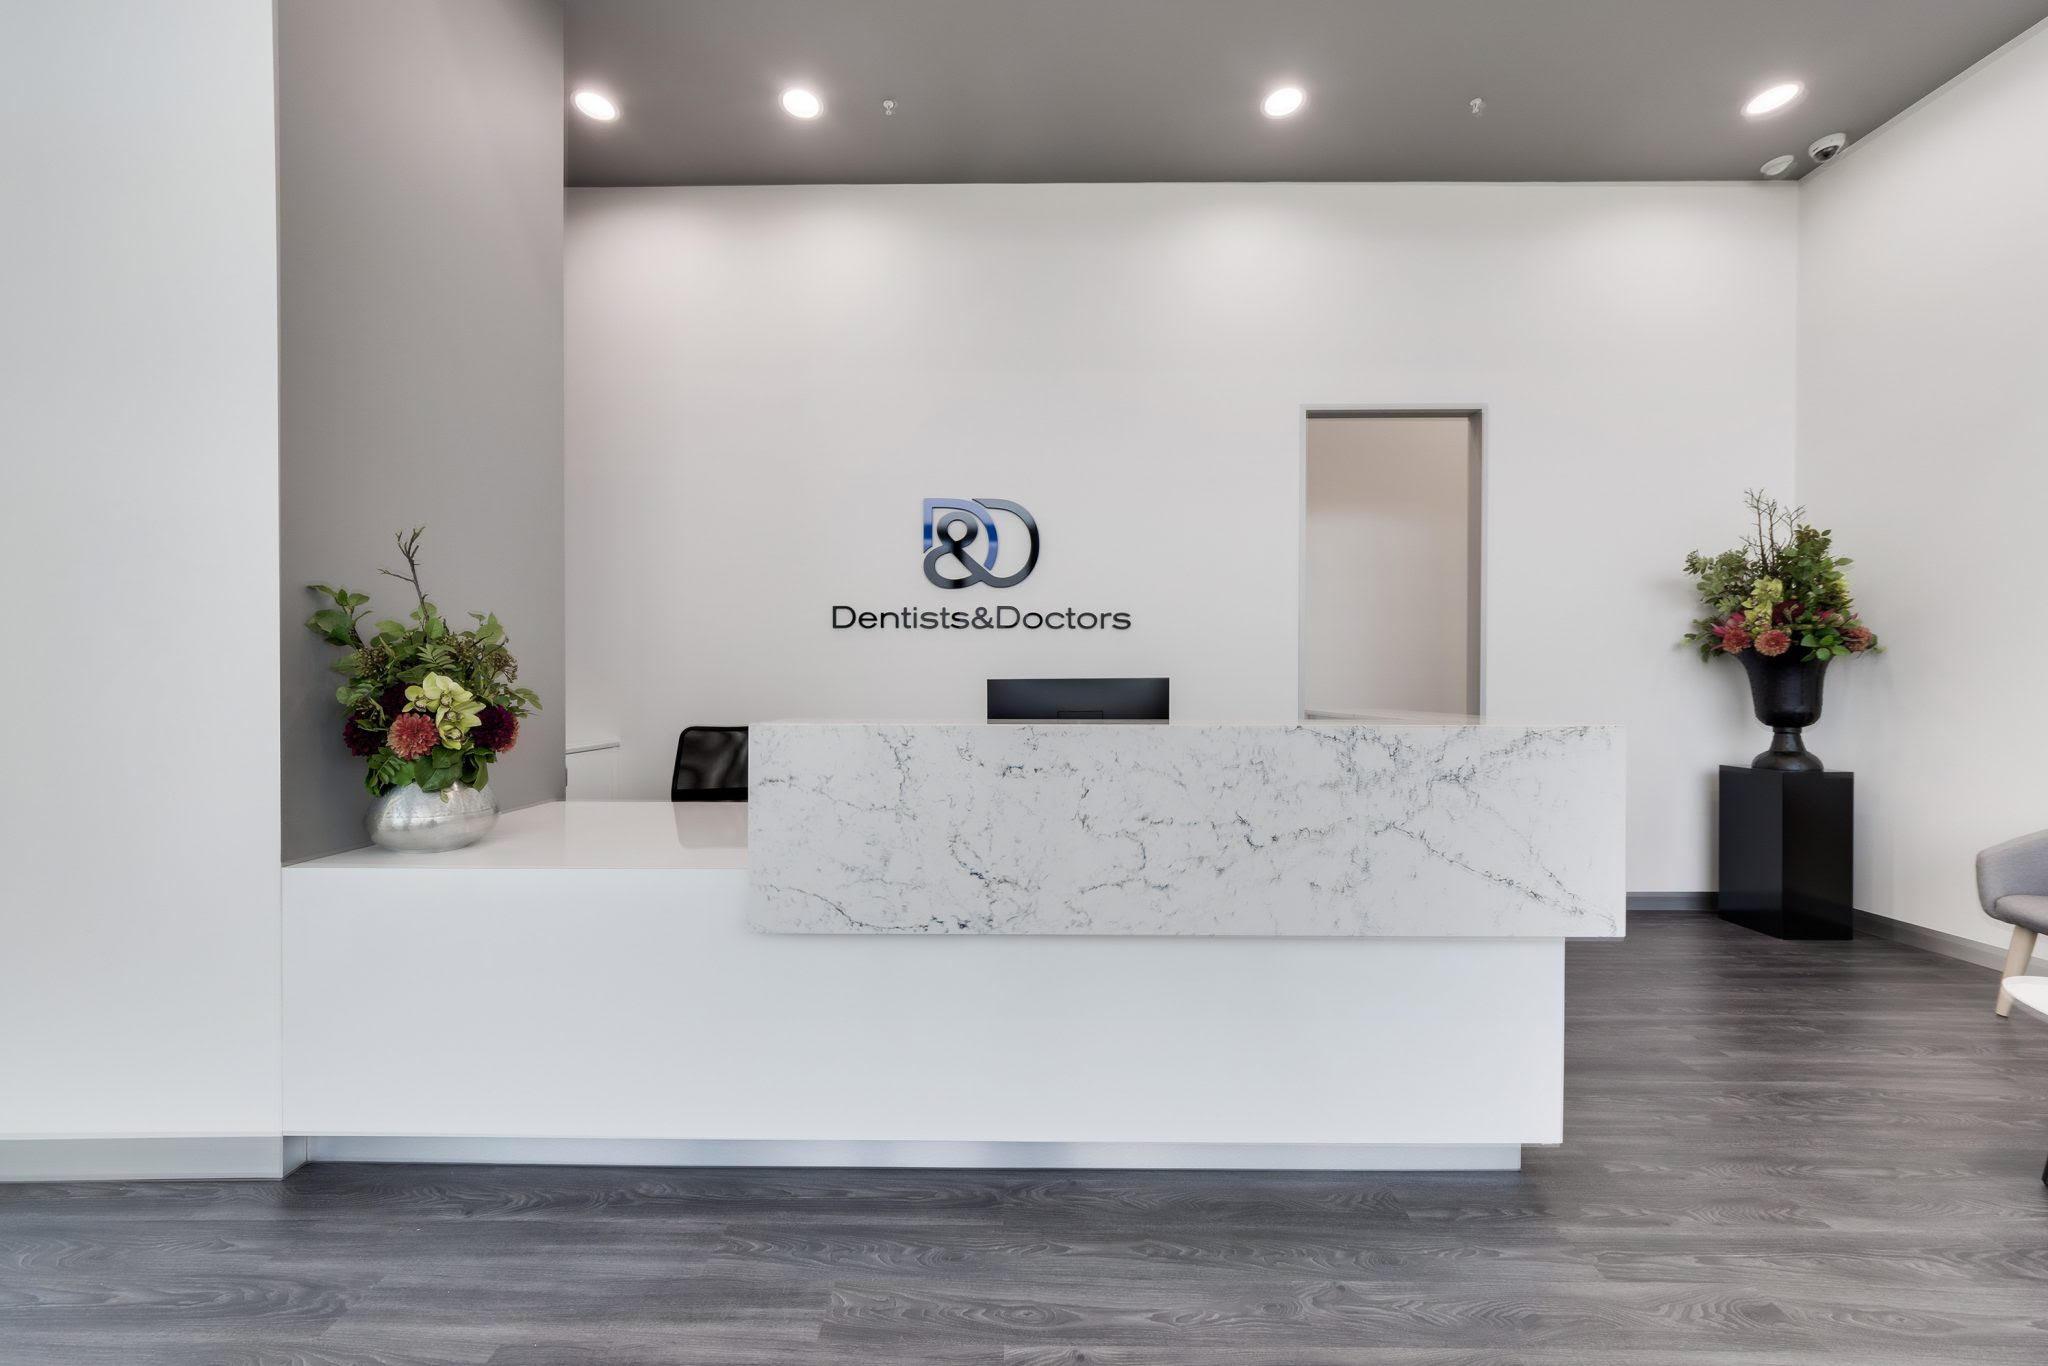 Dentists & Doctors – Dental Practice – Geelong